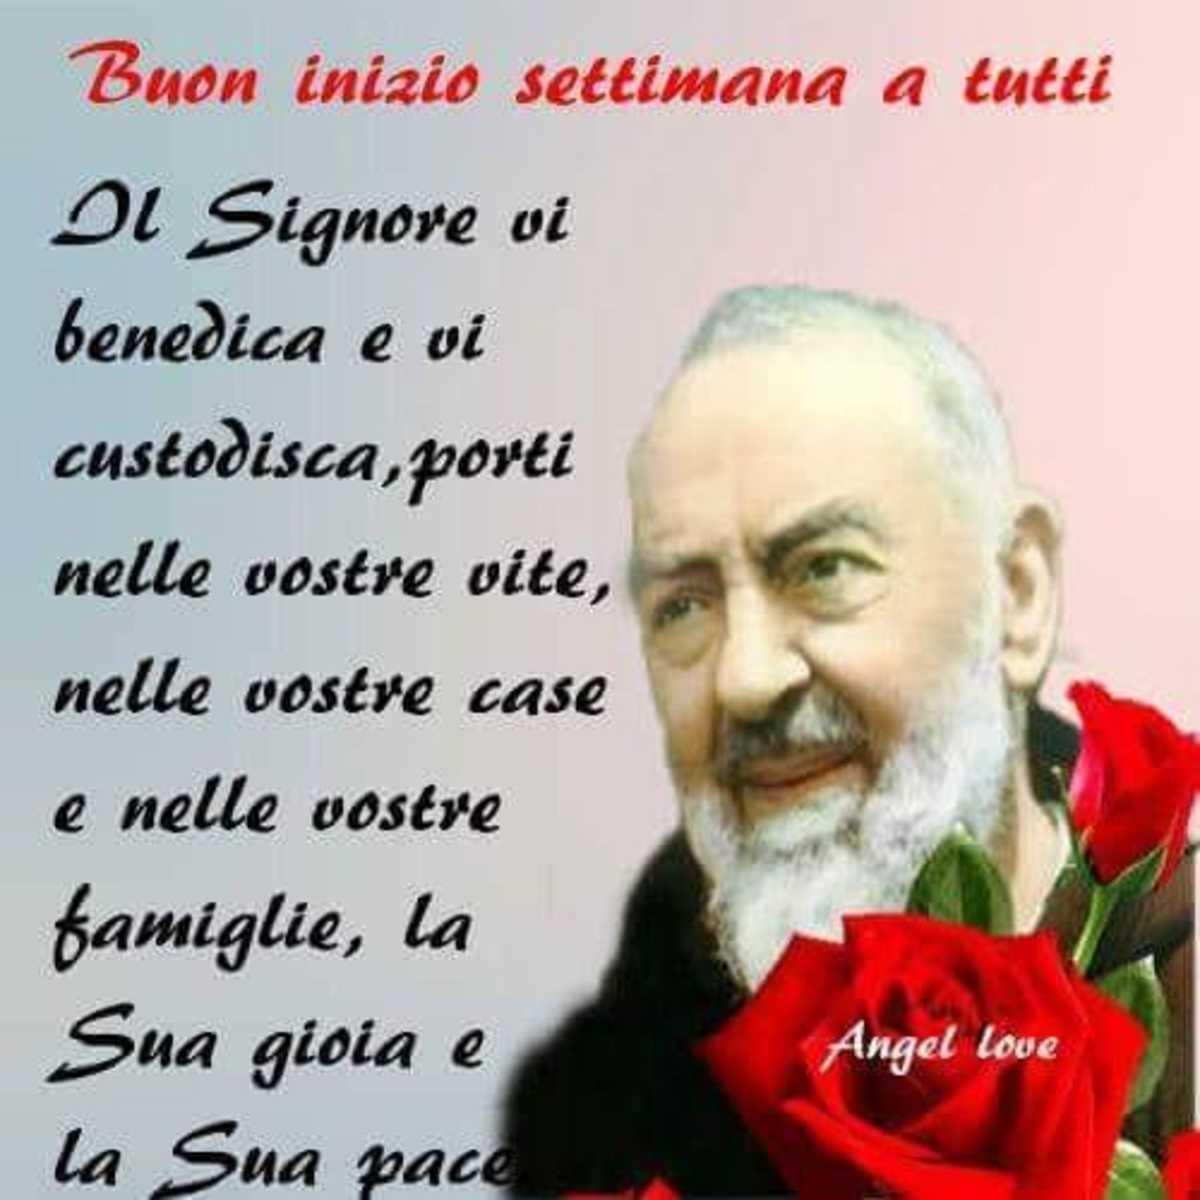 Buon Inizio Settimana Immagini Padre Pio Gesutiamait